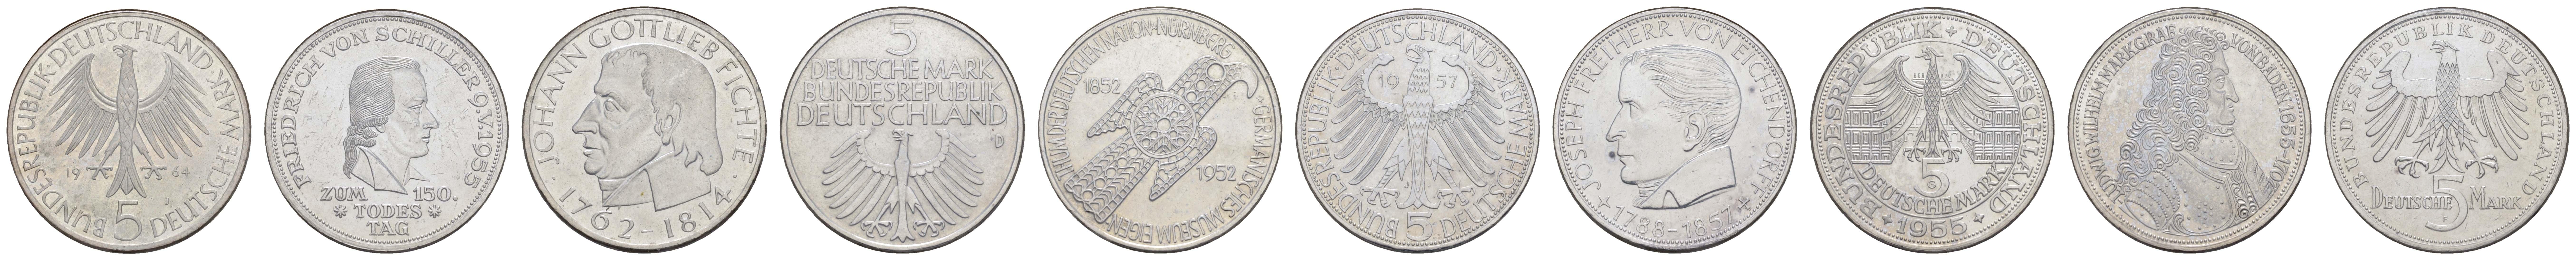 Lot 1187 - deutschland Bundesrepublik (DM) -  Auktionshaus Ulrich Felzmann GmbH & Co. KG Coins single lots